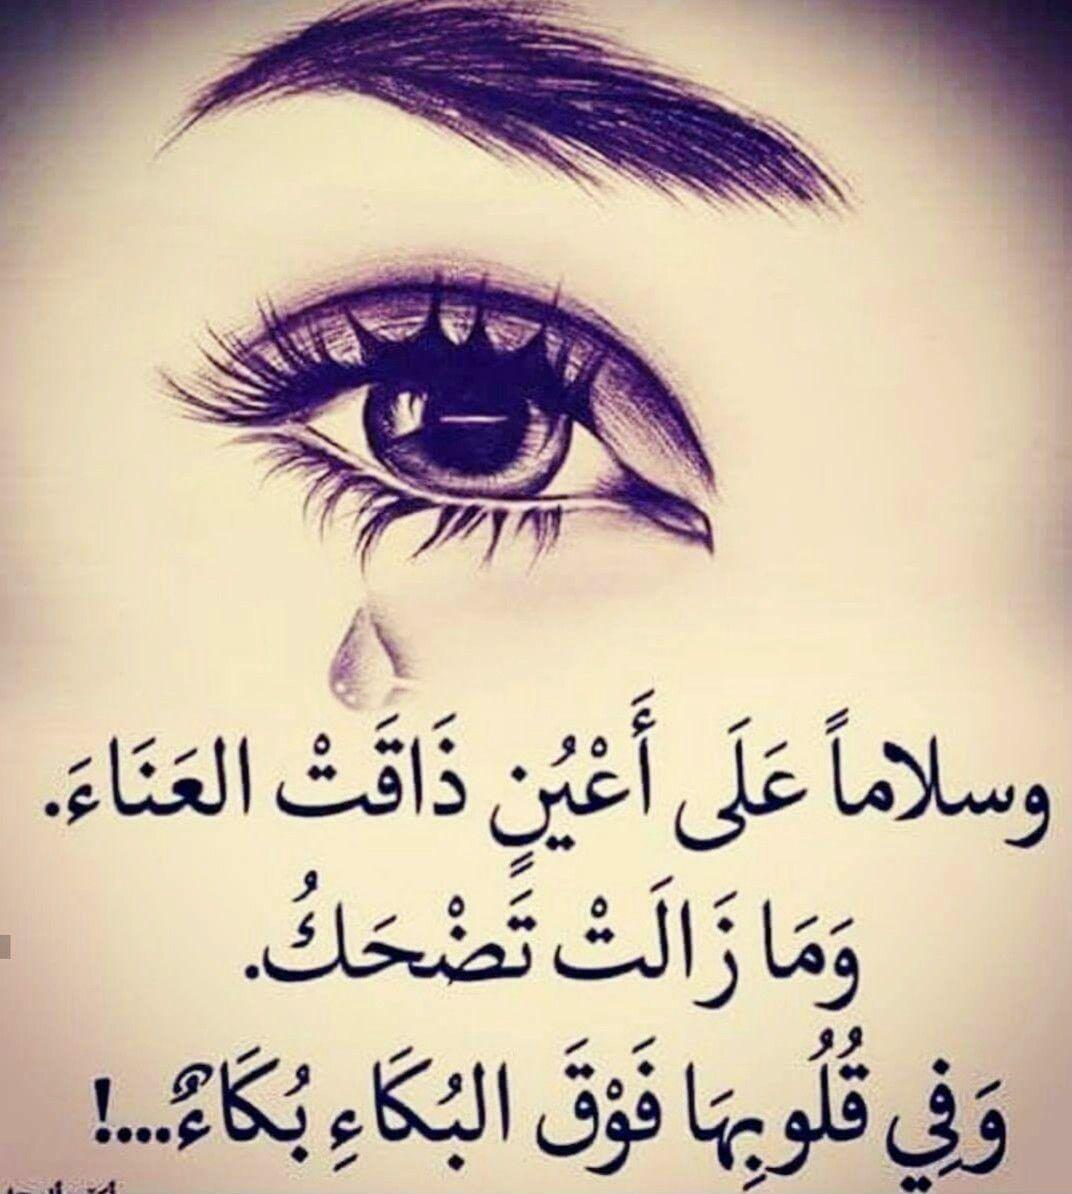 فوق البكاء بكاء Frases En Arabe Frases Principe